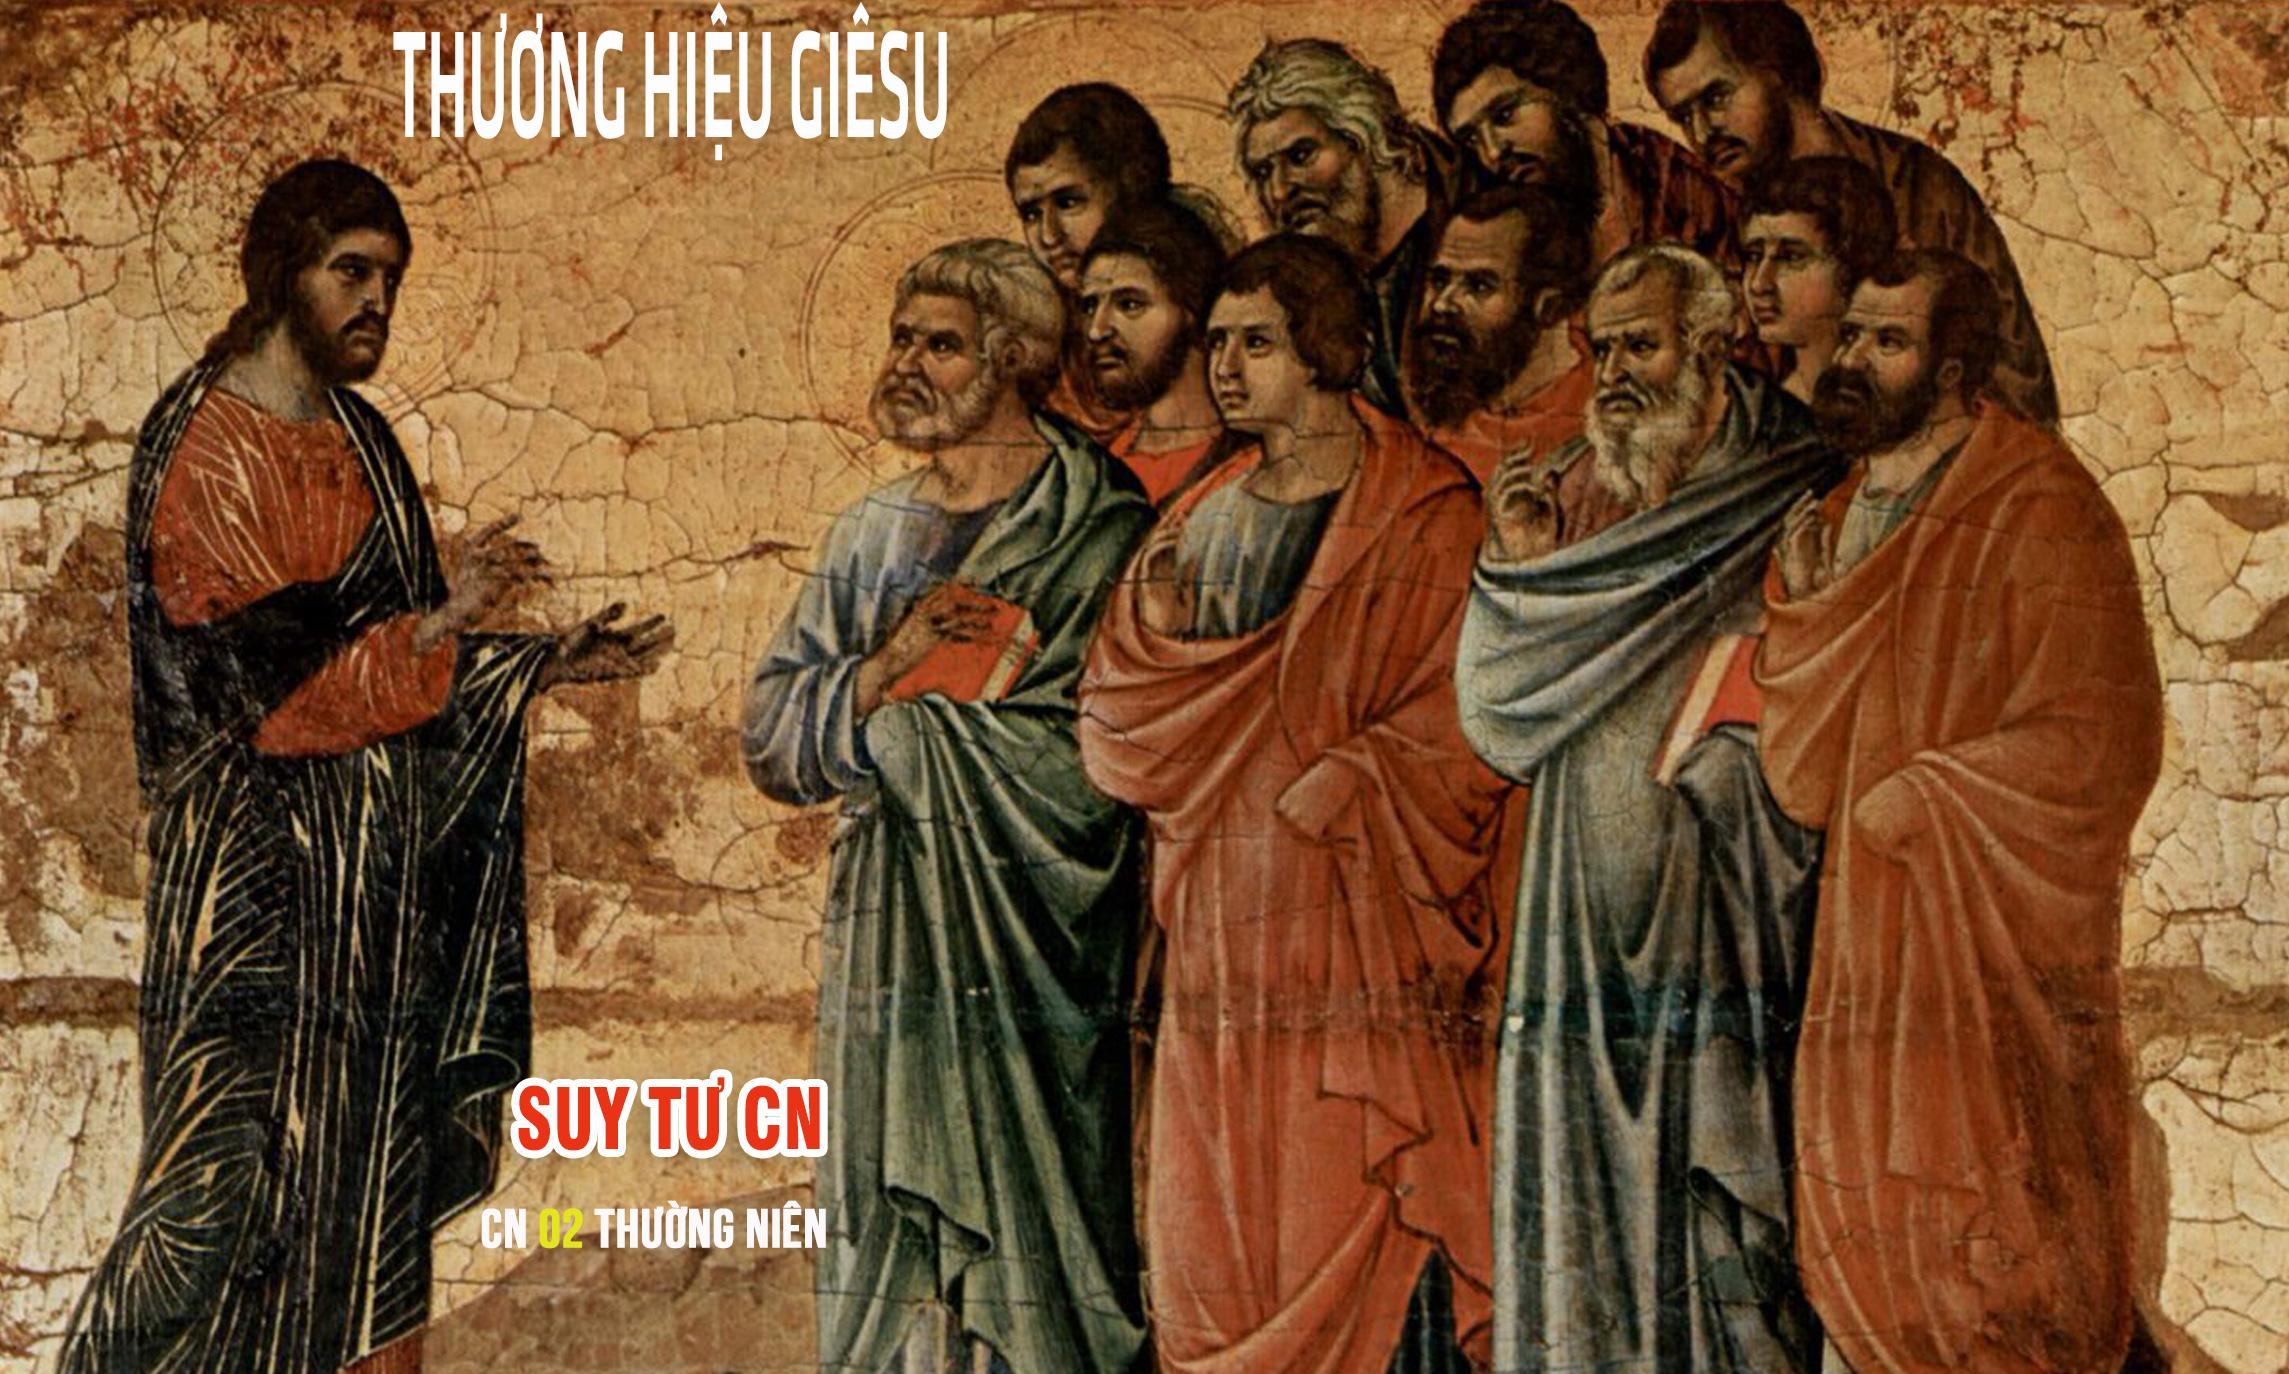 Thương Hiệu Giêsu